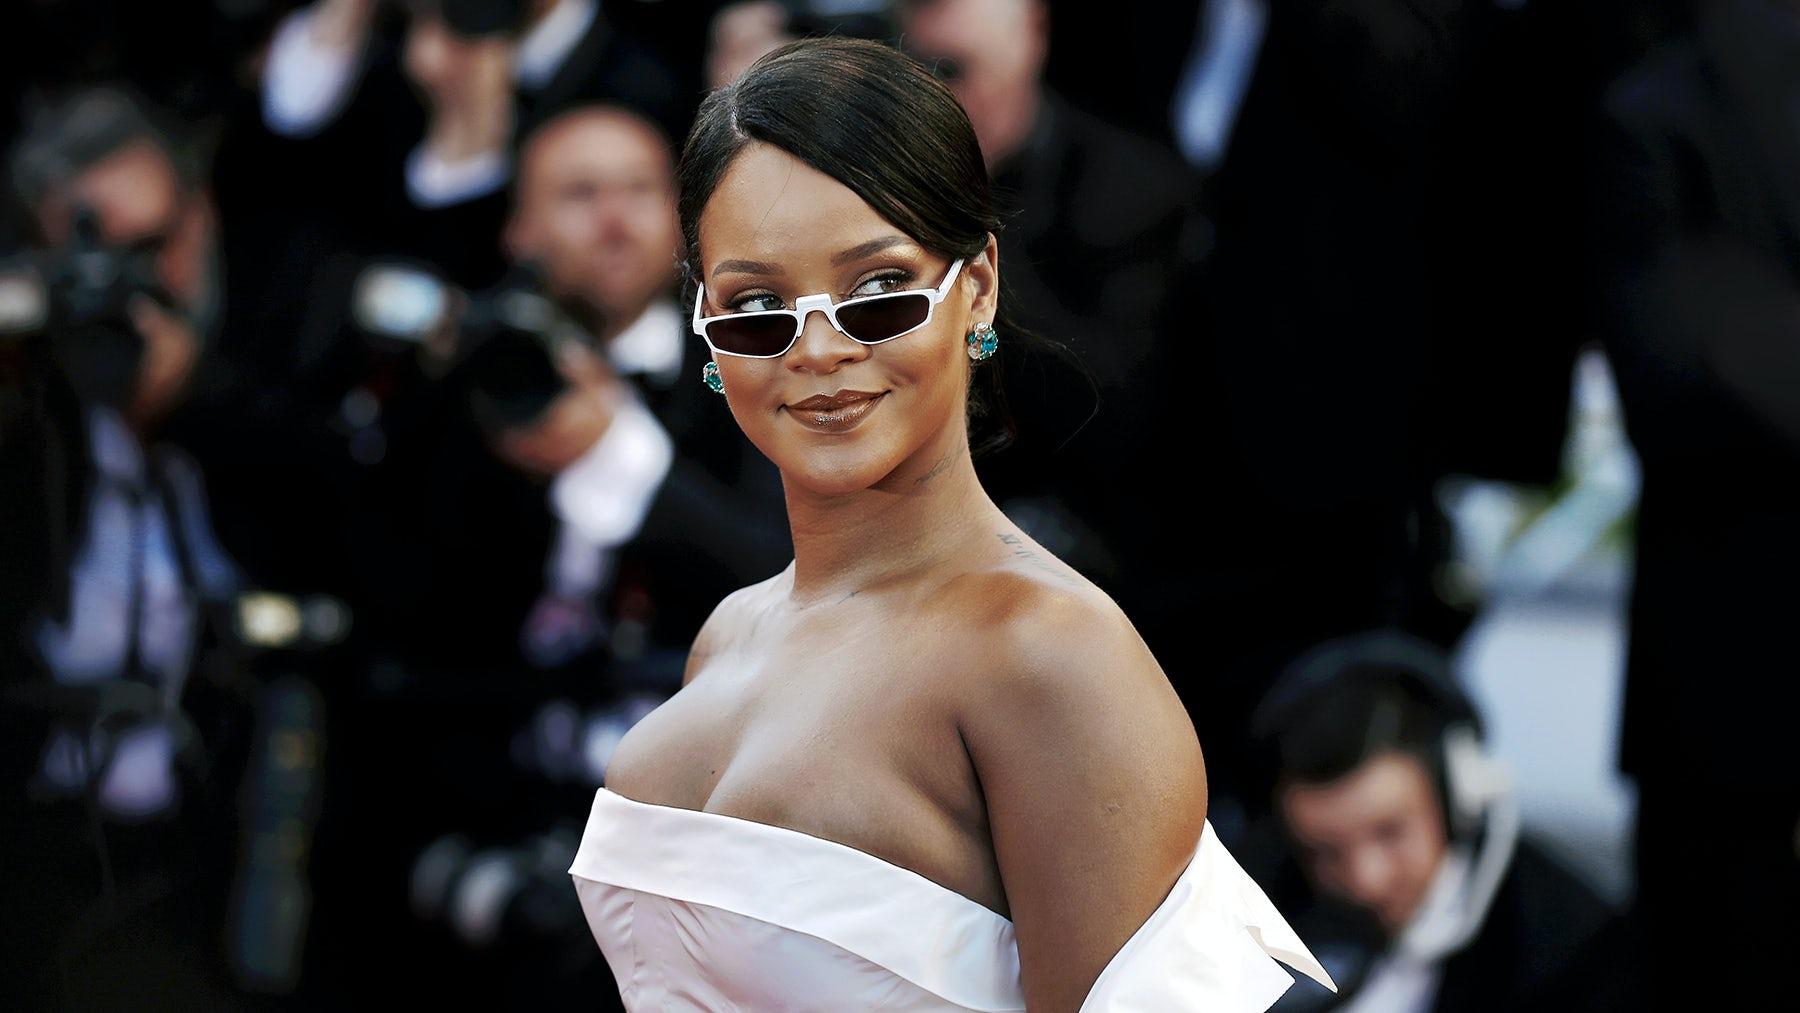 Rihanna | Source: Shutterstock